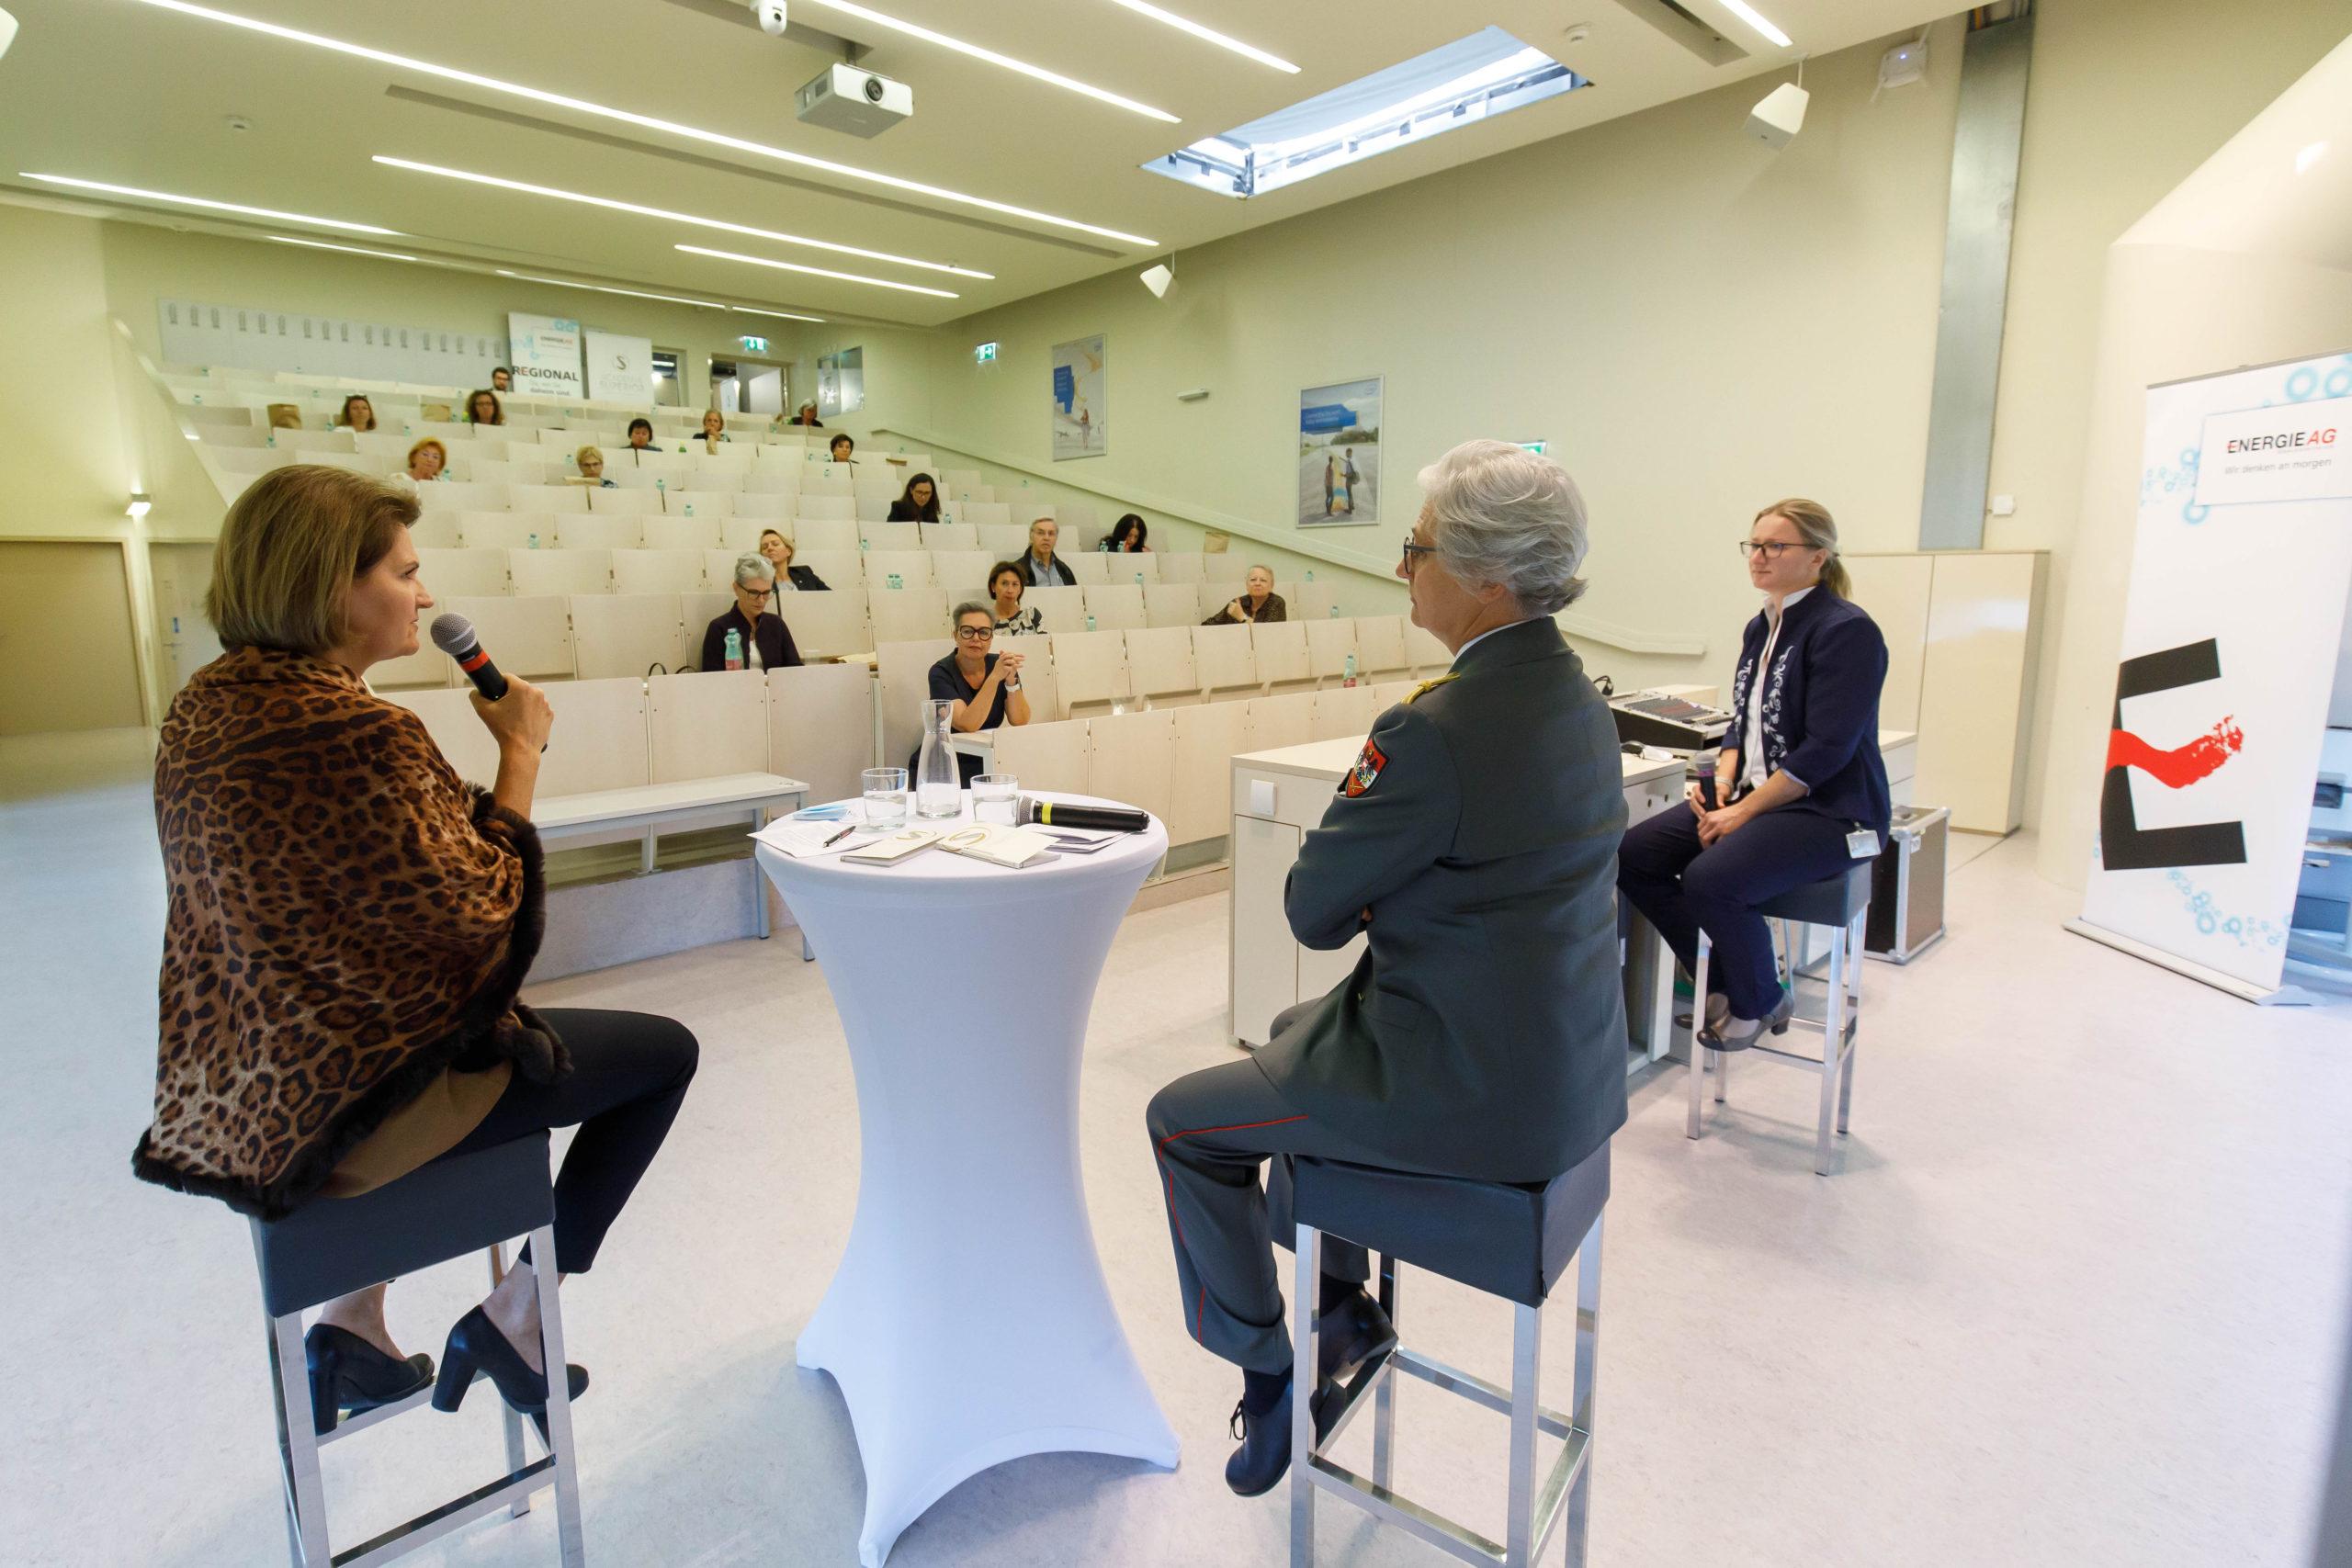 Foto 3: Gesprächsrunde mit Gertrude Schatzdorfer-Wölfel und Sylvia Sperandio